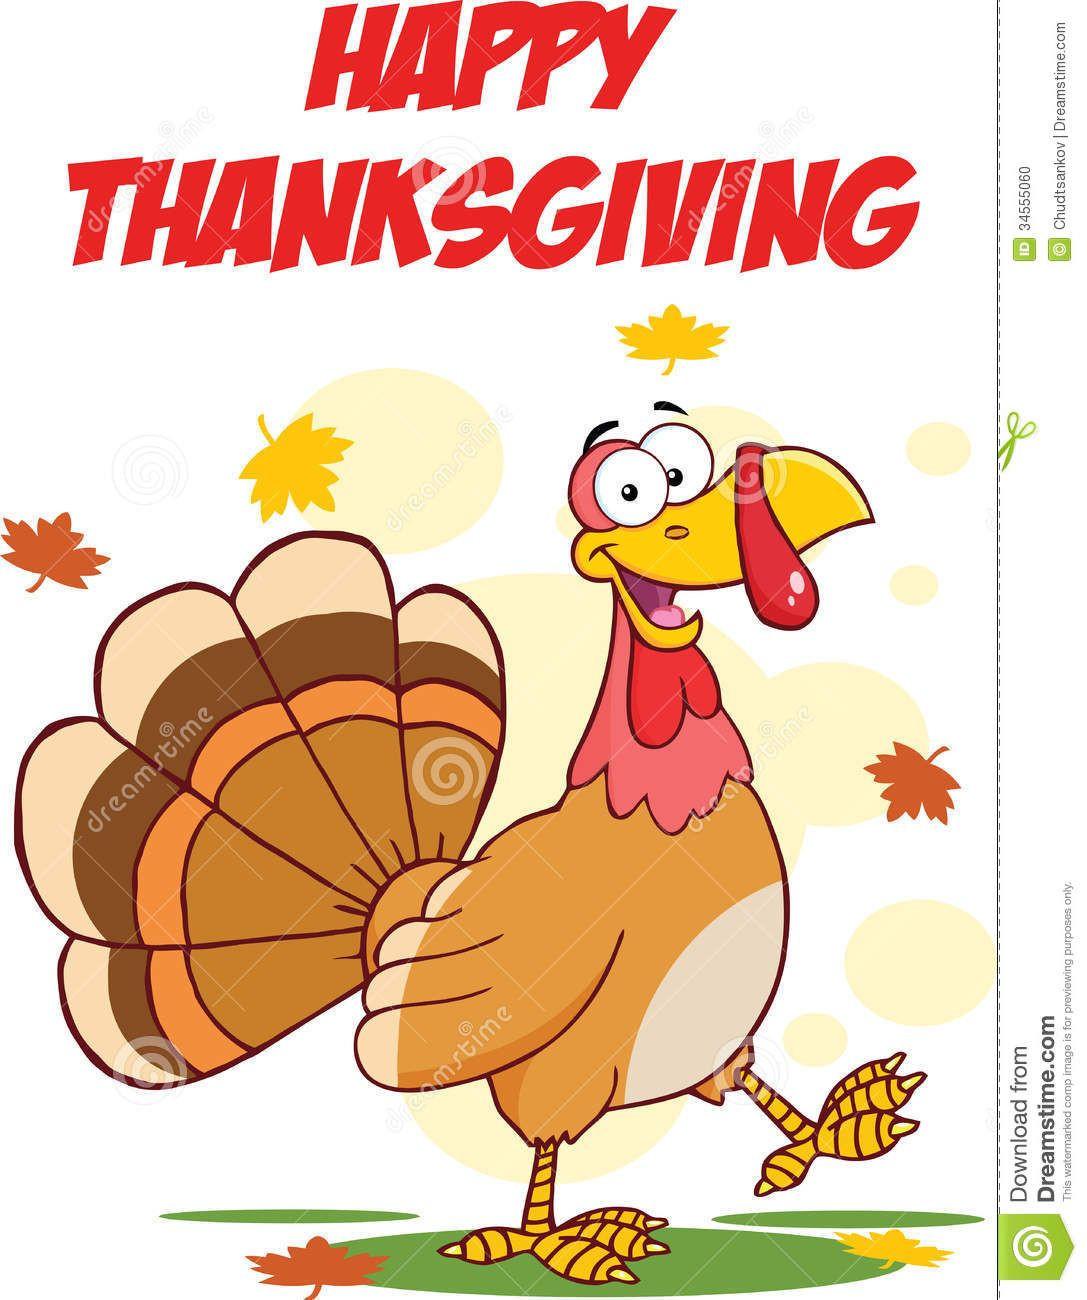 Turkey Cartoons Thanksgiving  Cartoon Thanksgiving Cartoon Thanksgiving